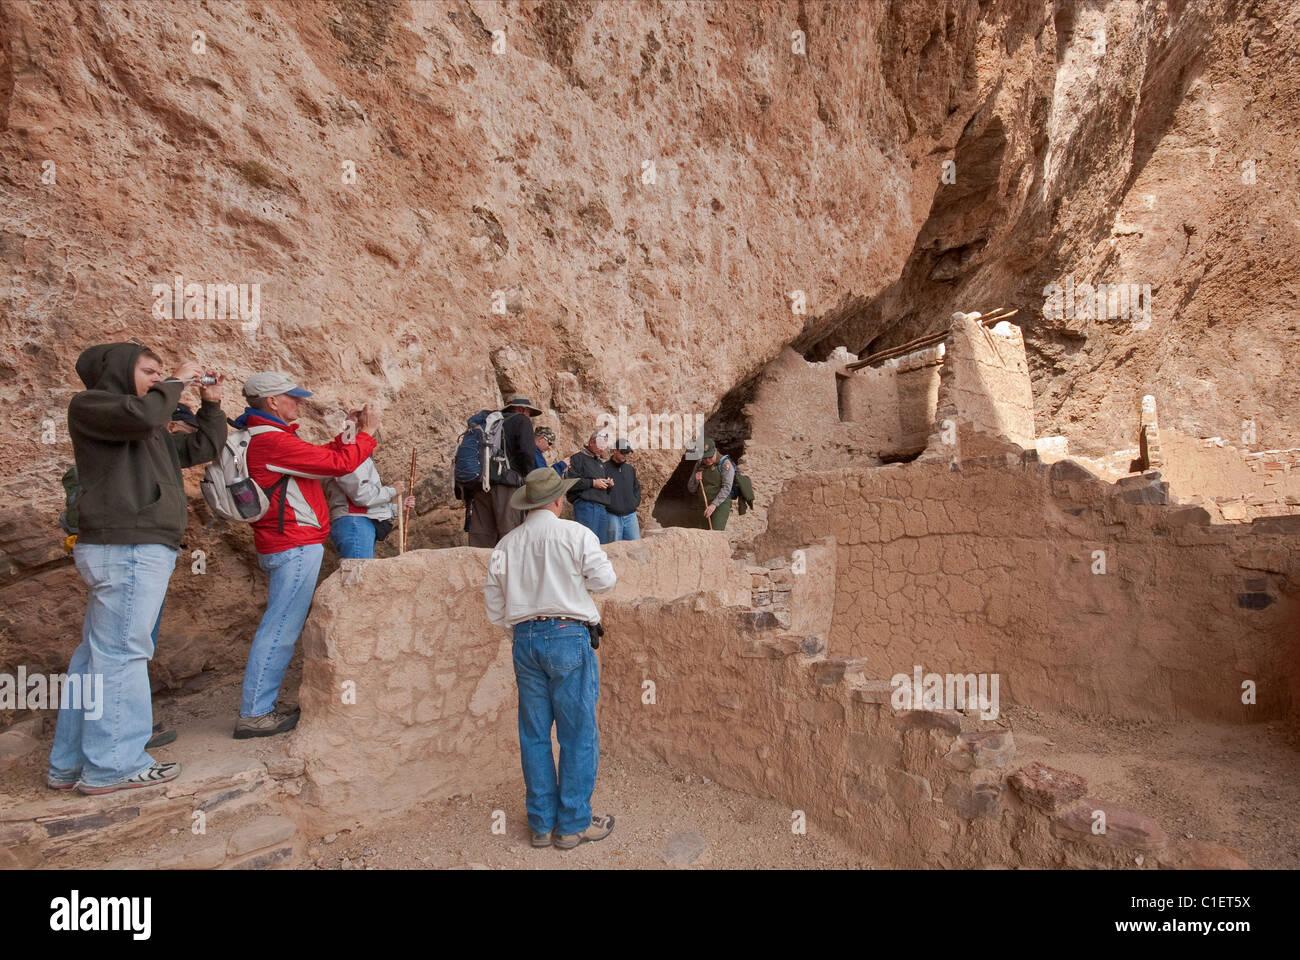 Besucher am oberen Klippe Wohnung an Tonto National Sonora-Wüste, Arizona, USA Stockbild